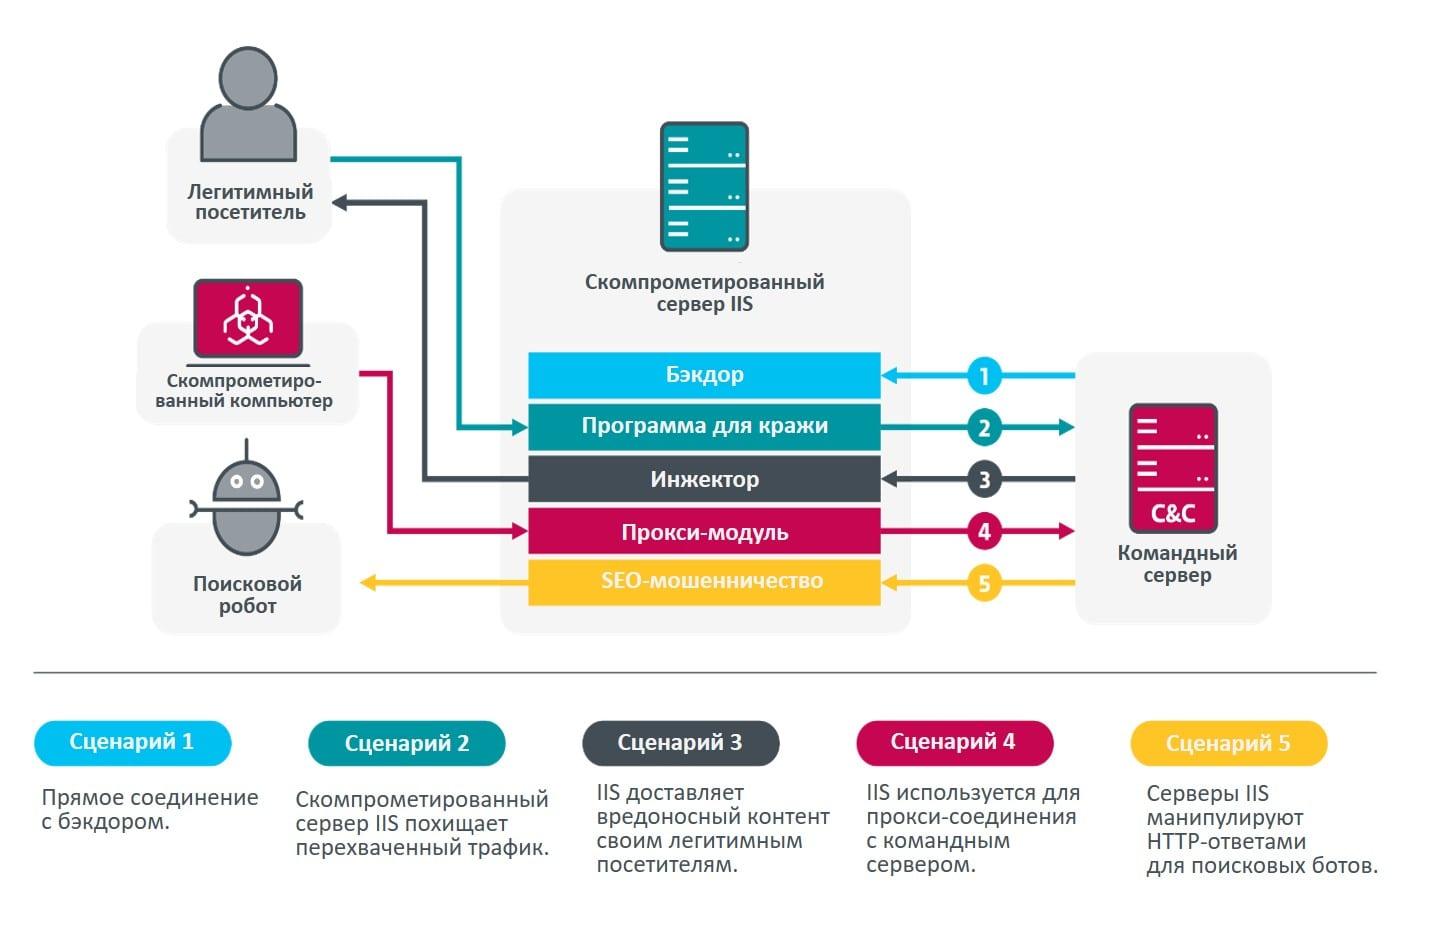 Основные сценарии работы вредоносных программ, нацеленных на IIS.